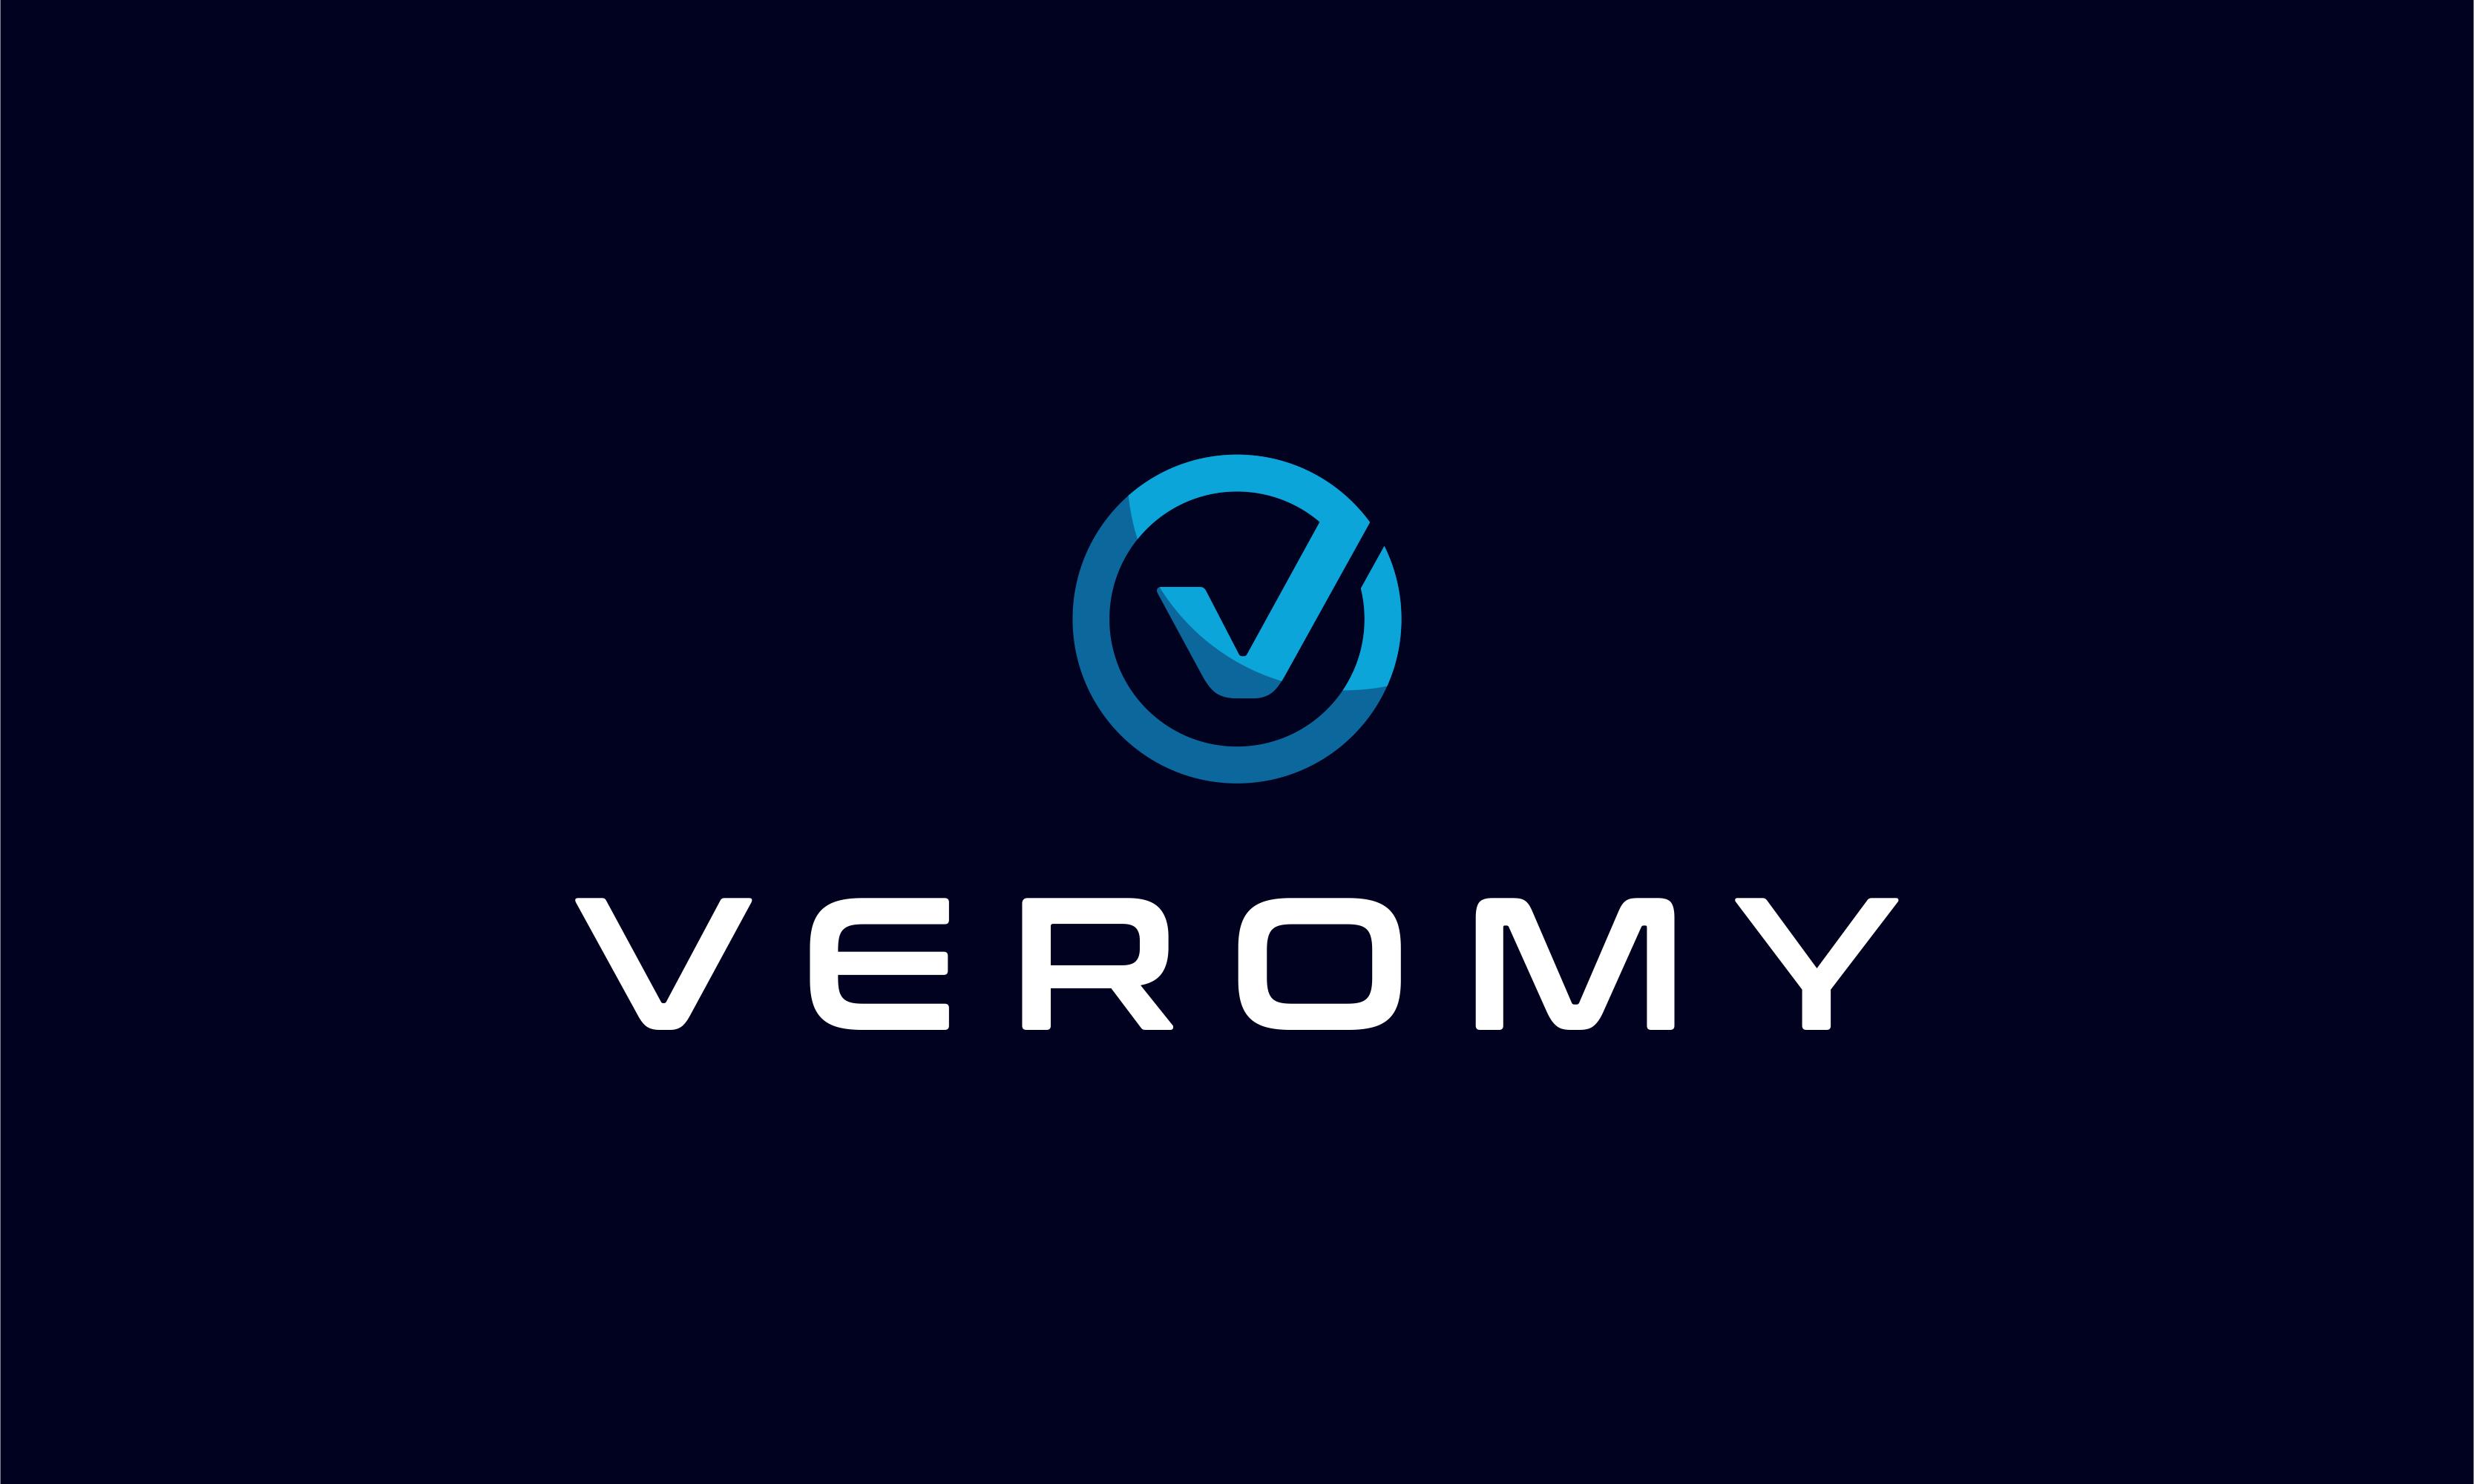 Veromy